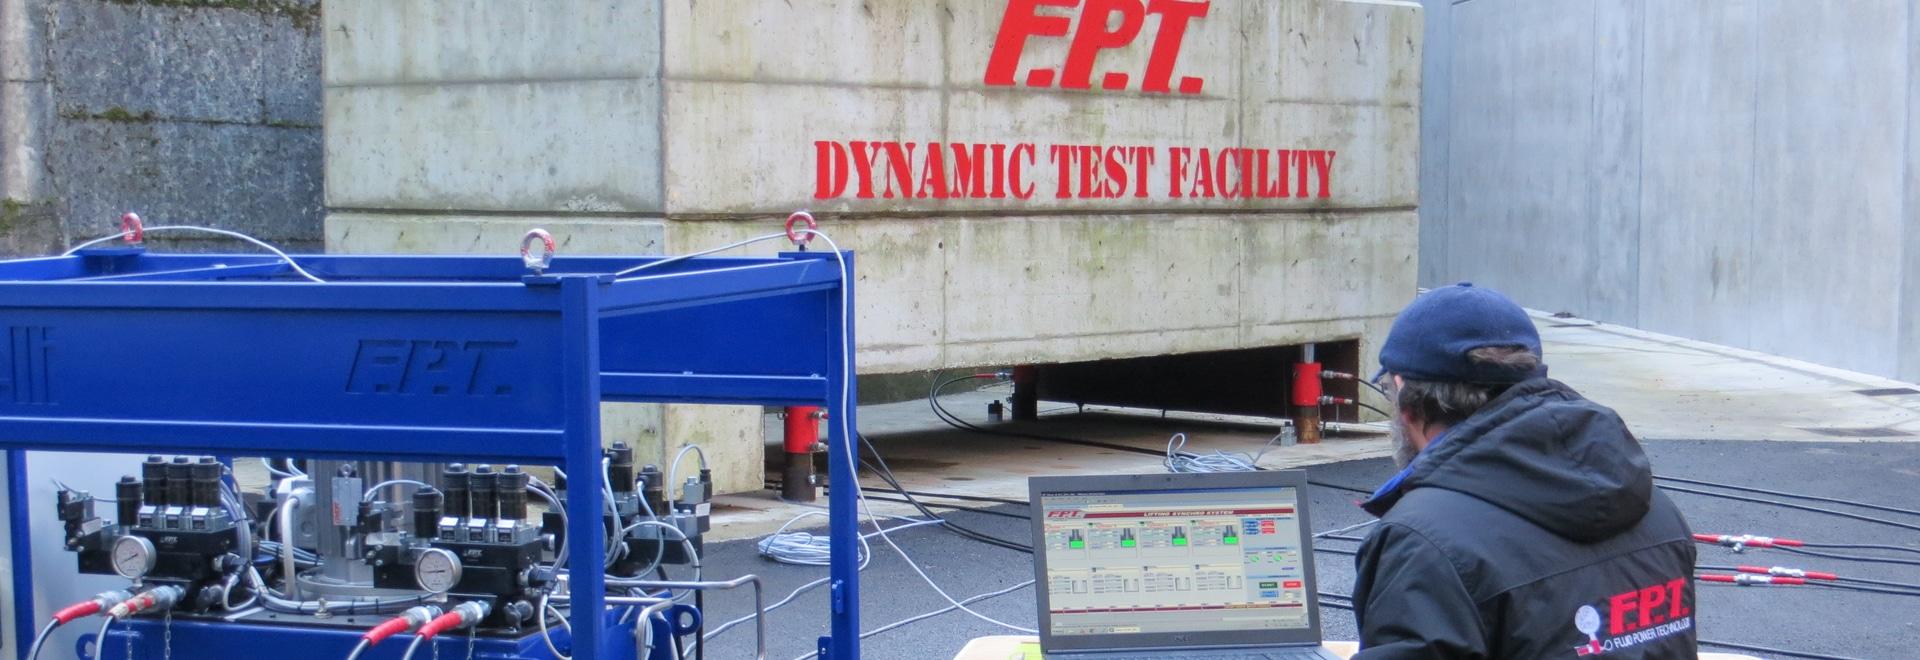 Synchrone anhebende Systeme FPT: Entwurf und Fertigung von speziellen Maschinen